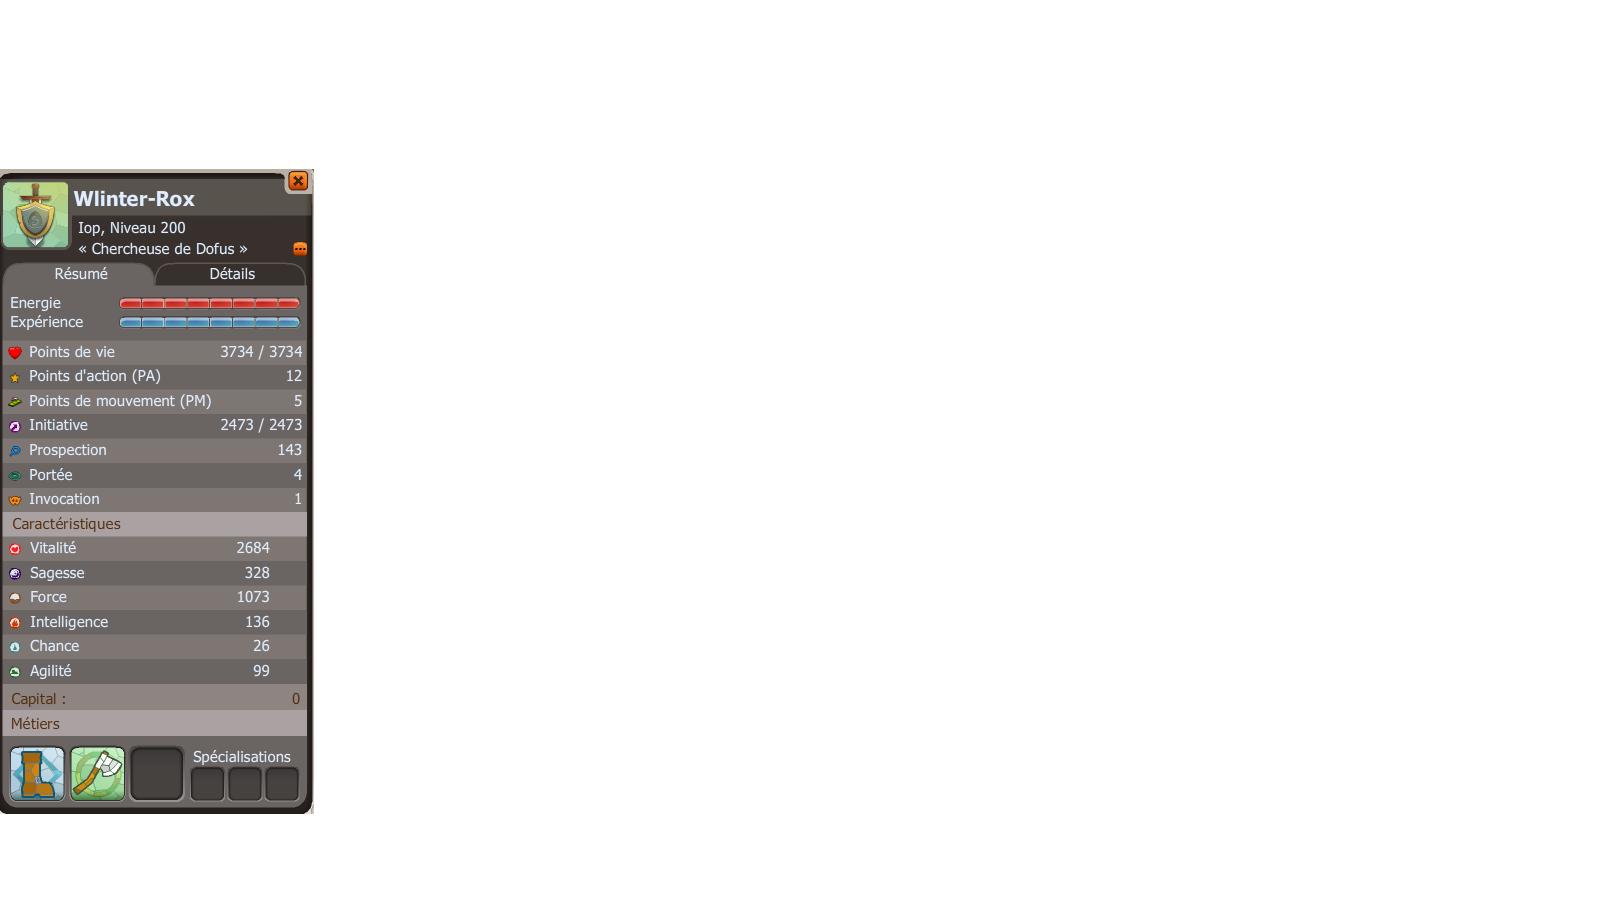 [Refusé][Candidature] Wlinter-Rox parainé par Shads Iop211